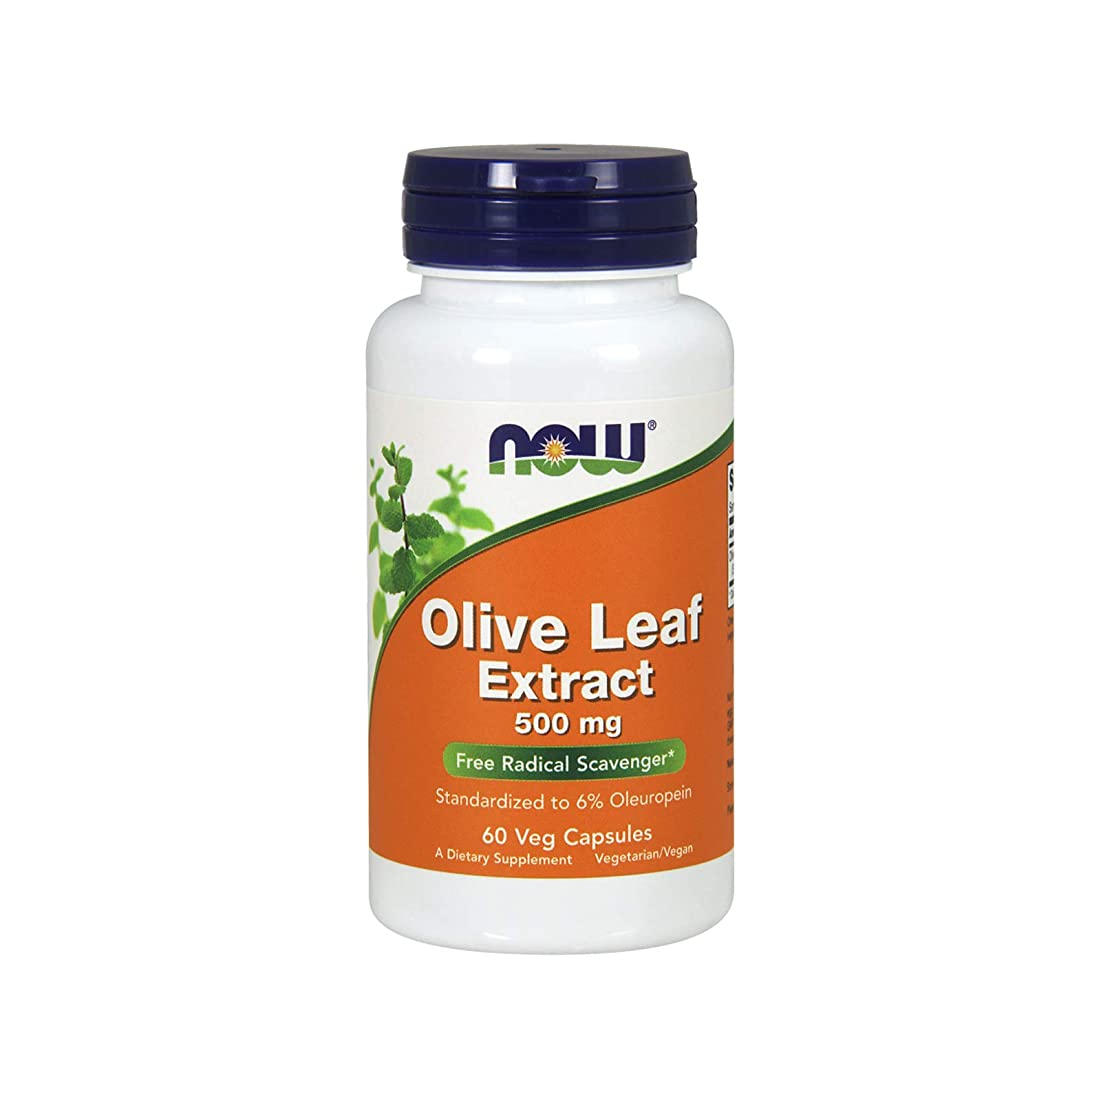 ではごきげんよう神社アセンブリ[海外直送品] ナウフーズ   Olive Leaf Extract 60 Vcaps 500 mg